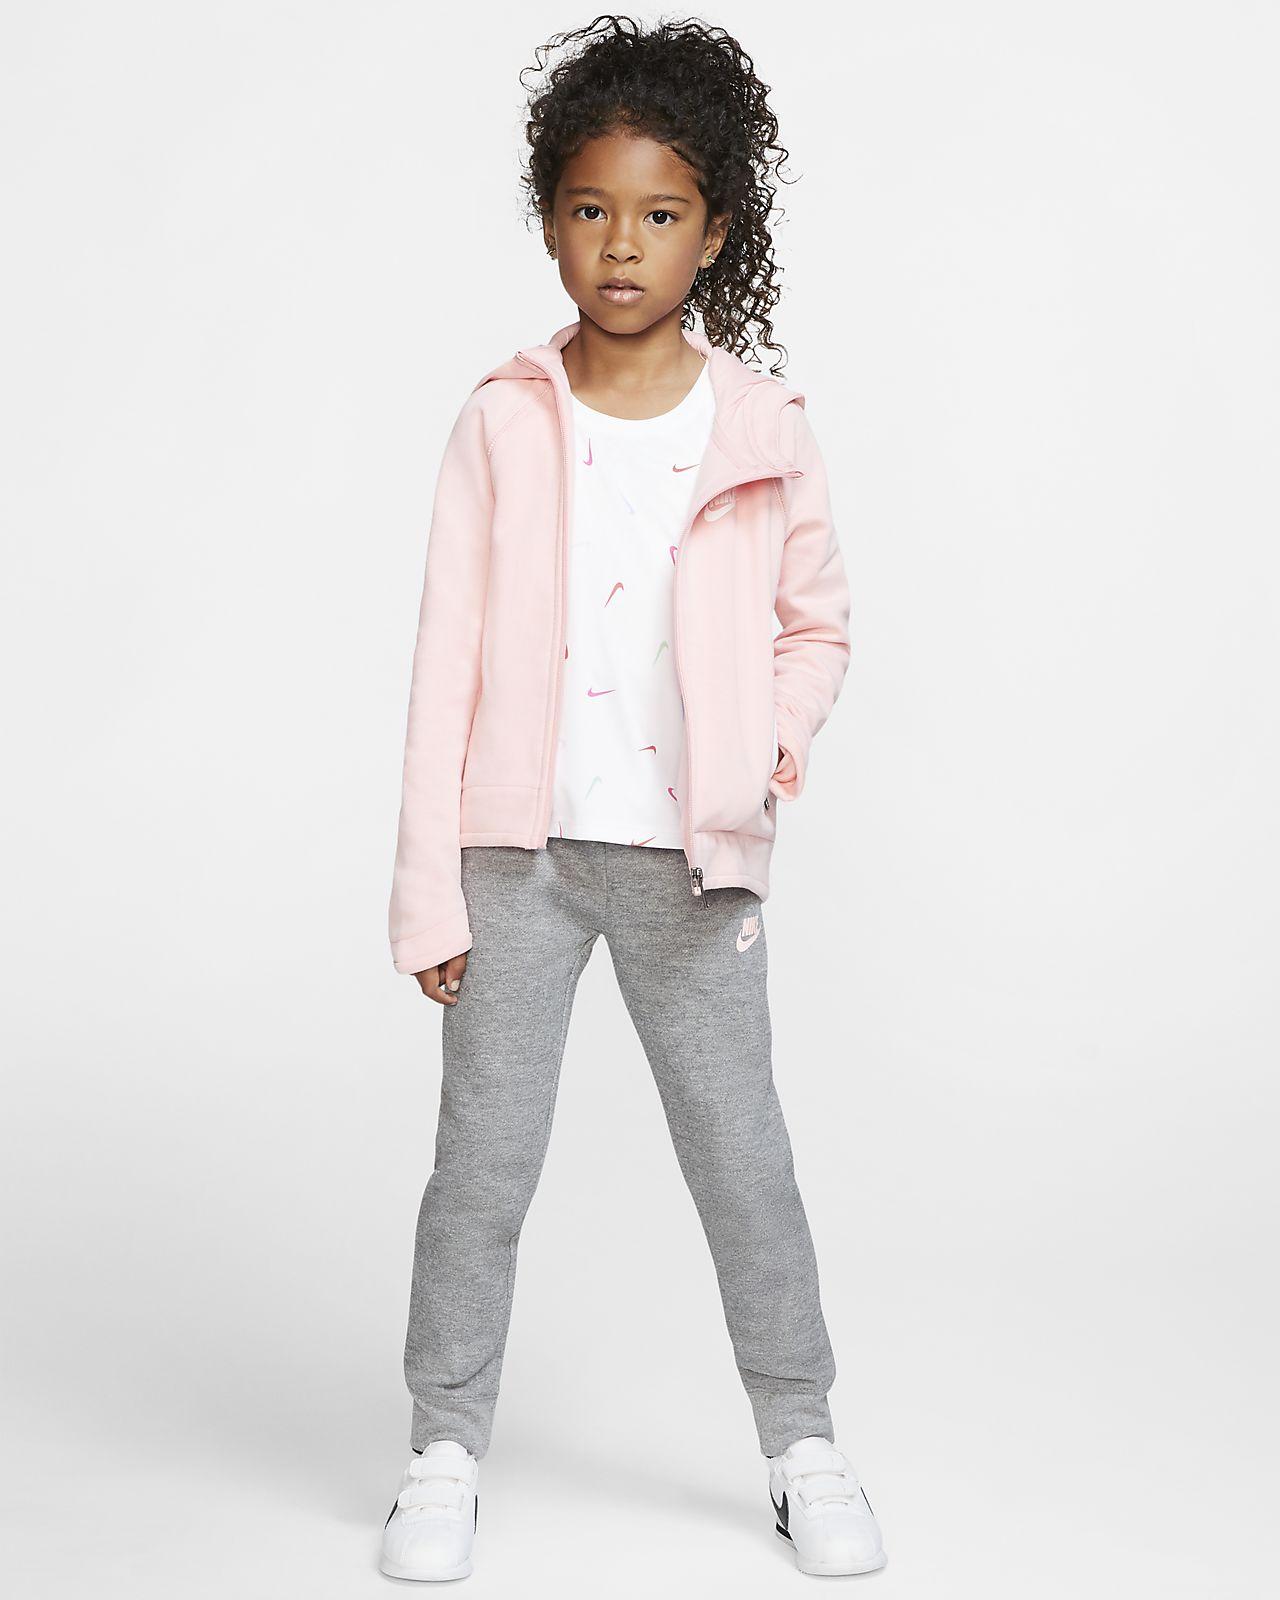 Μπλούζα με κουκούλα και φερμουάρ Nike Sportswear Tech Fleece για μικρά παιδιά